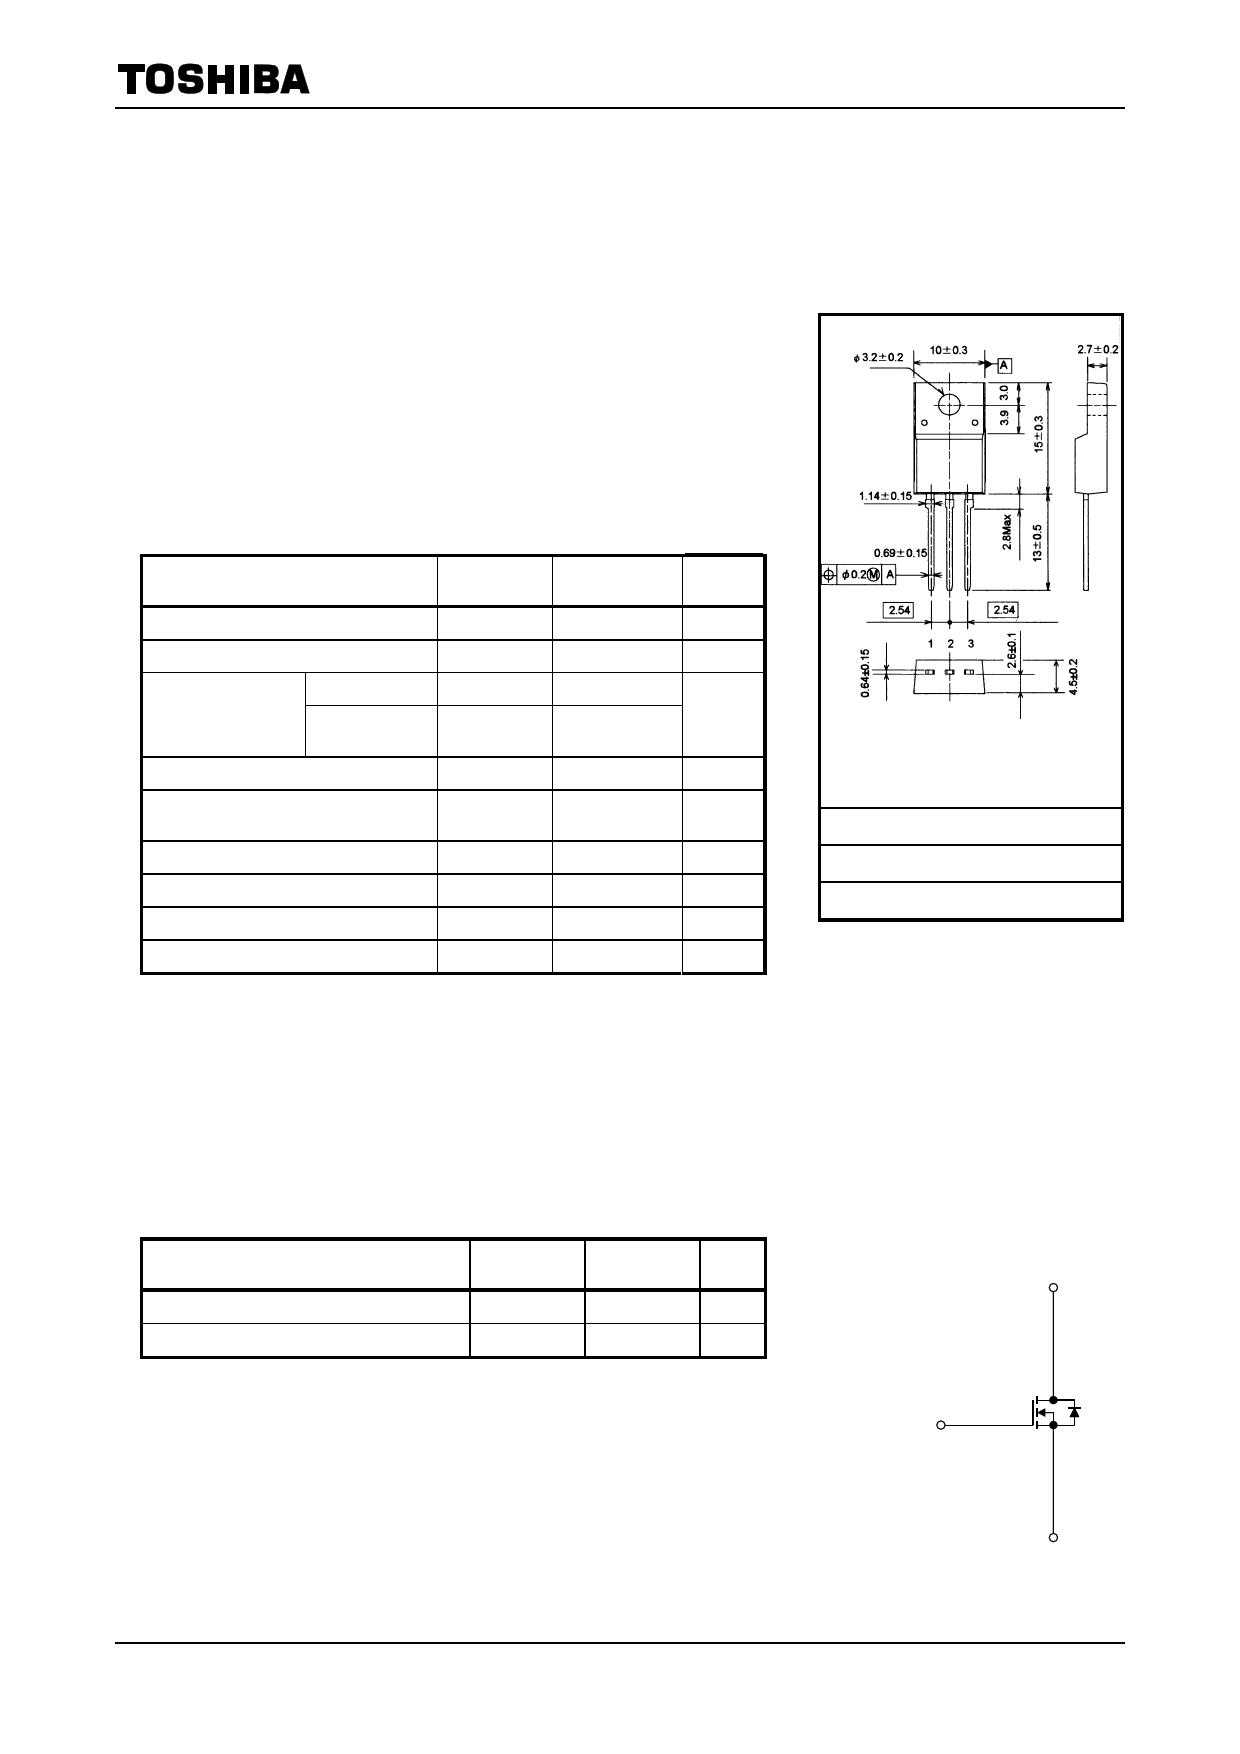 K4A60DA datasheet image